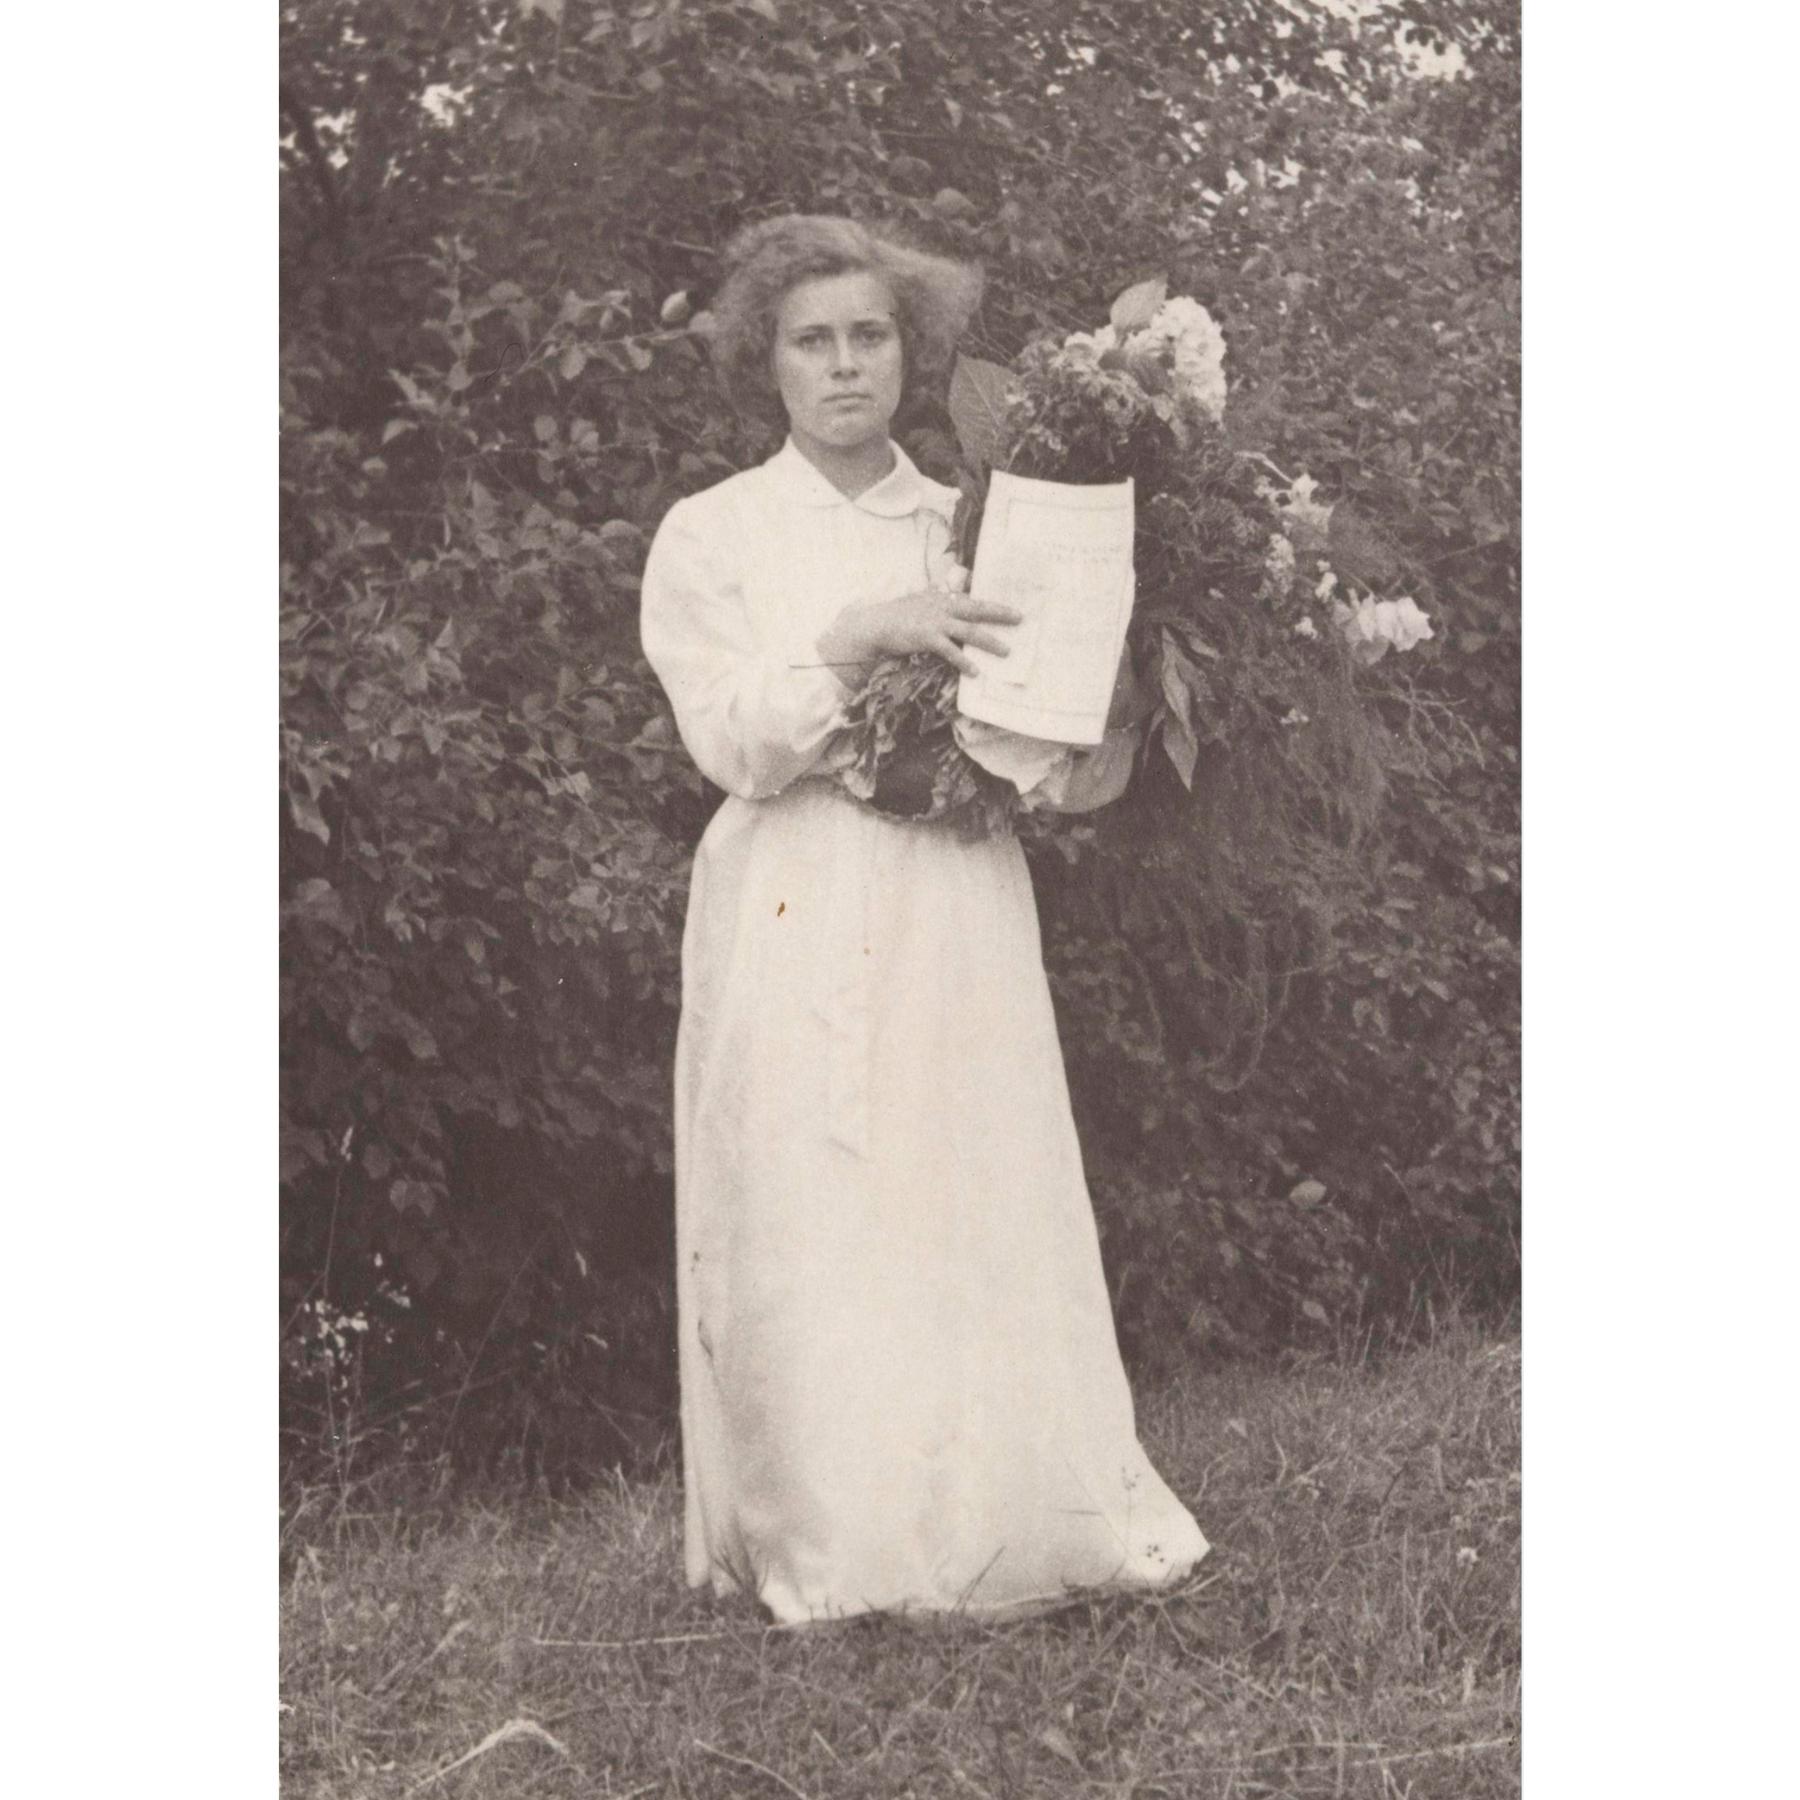 Valentina Kekin rippikuva vuodelta 1959. SKS KIA, Valentina Siiben arkisto. CC BY 4.0